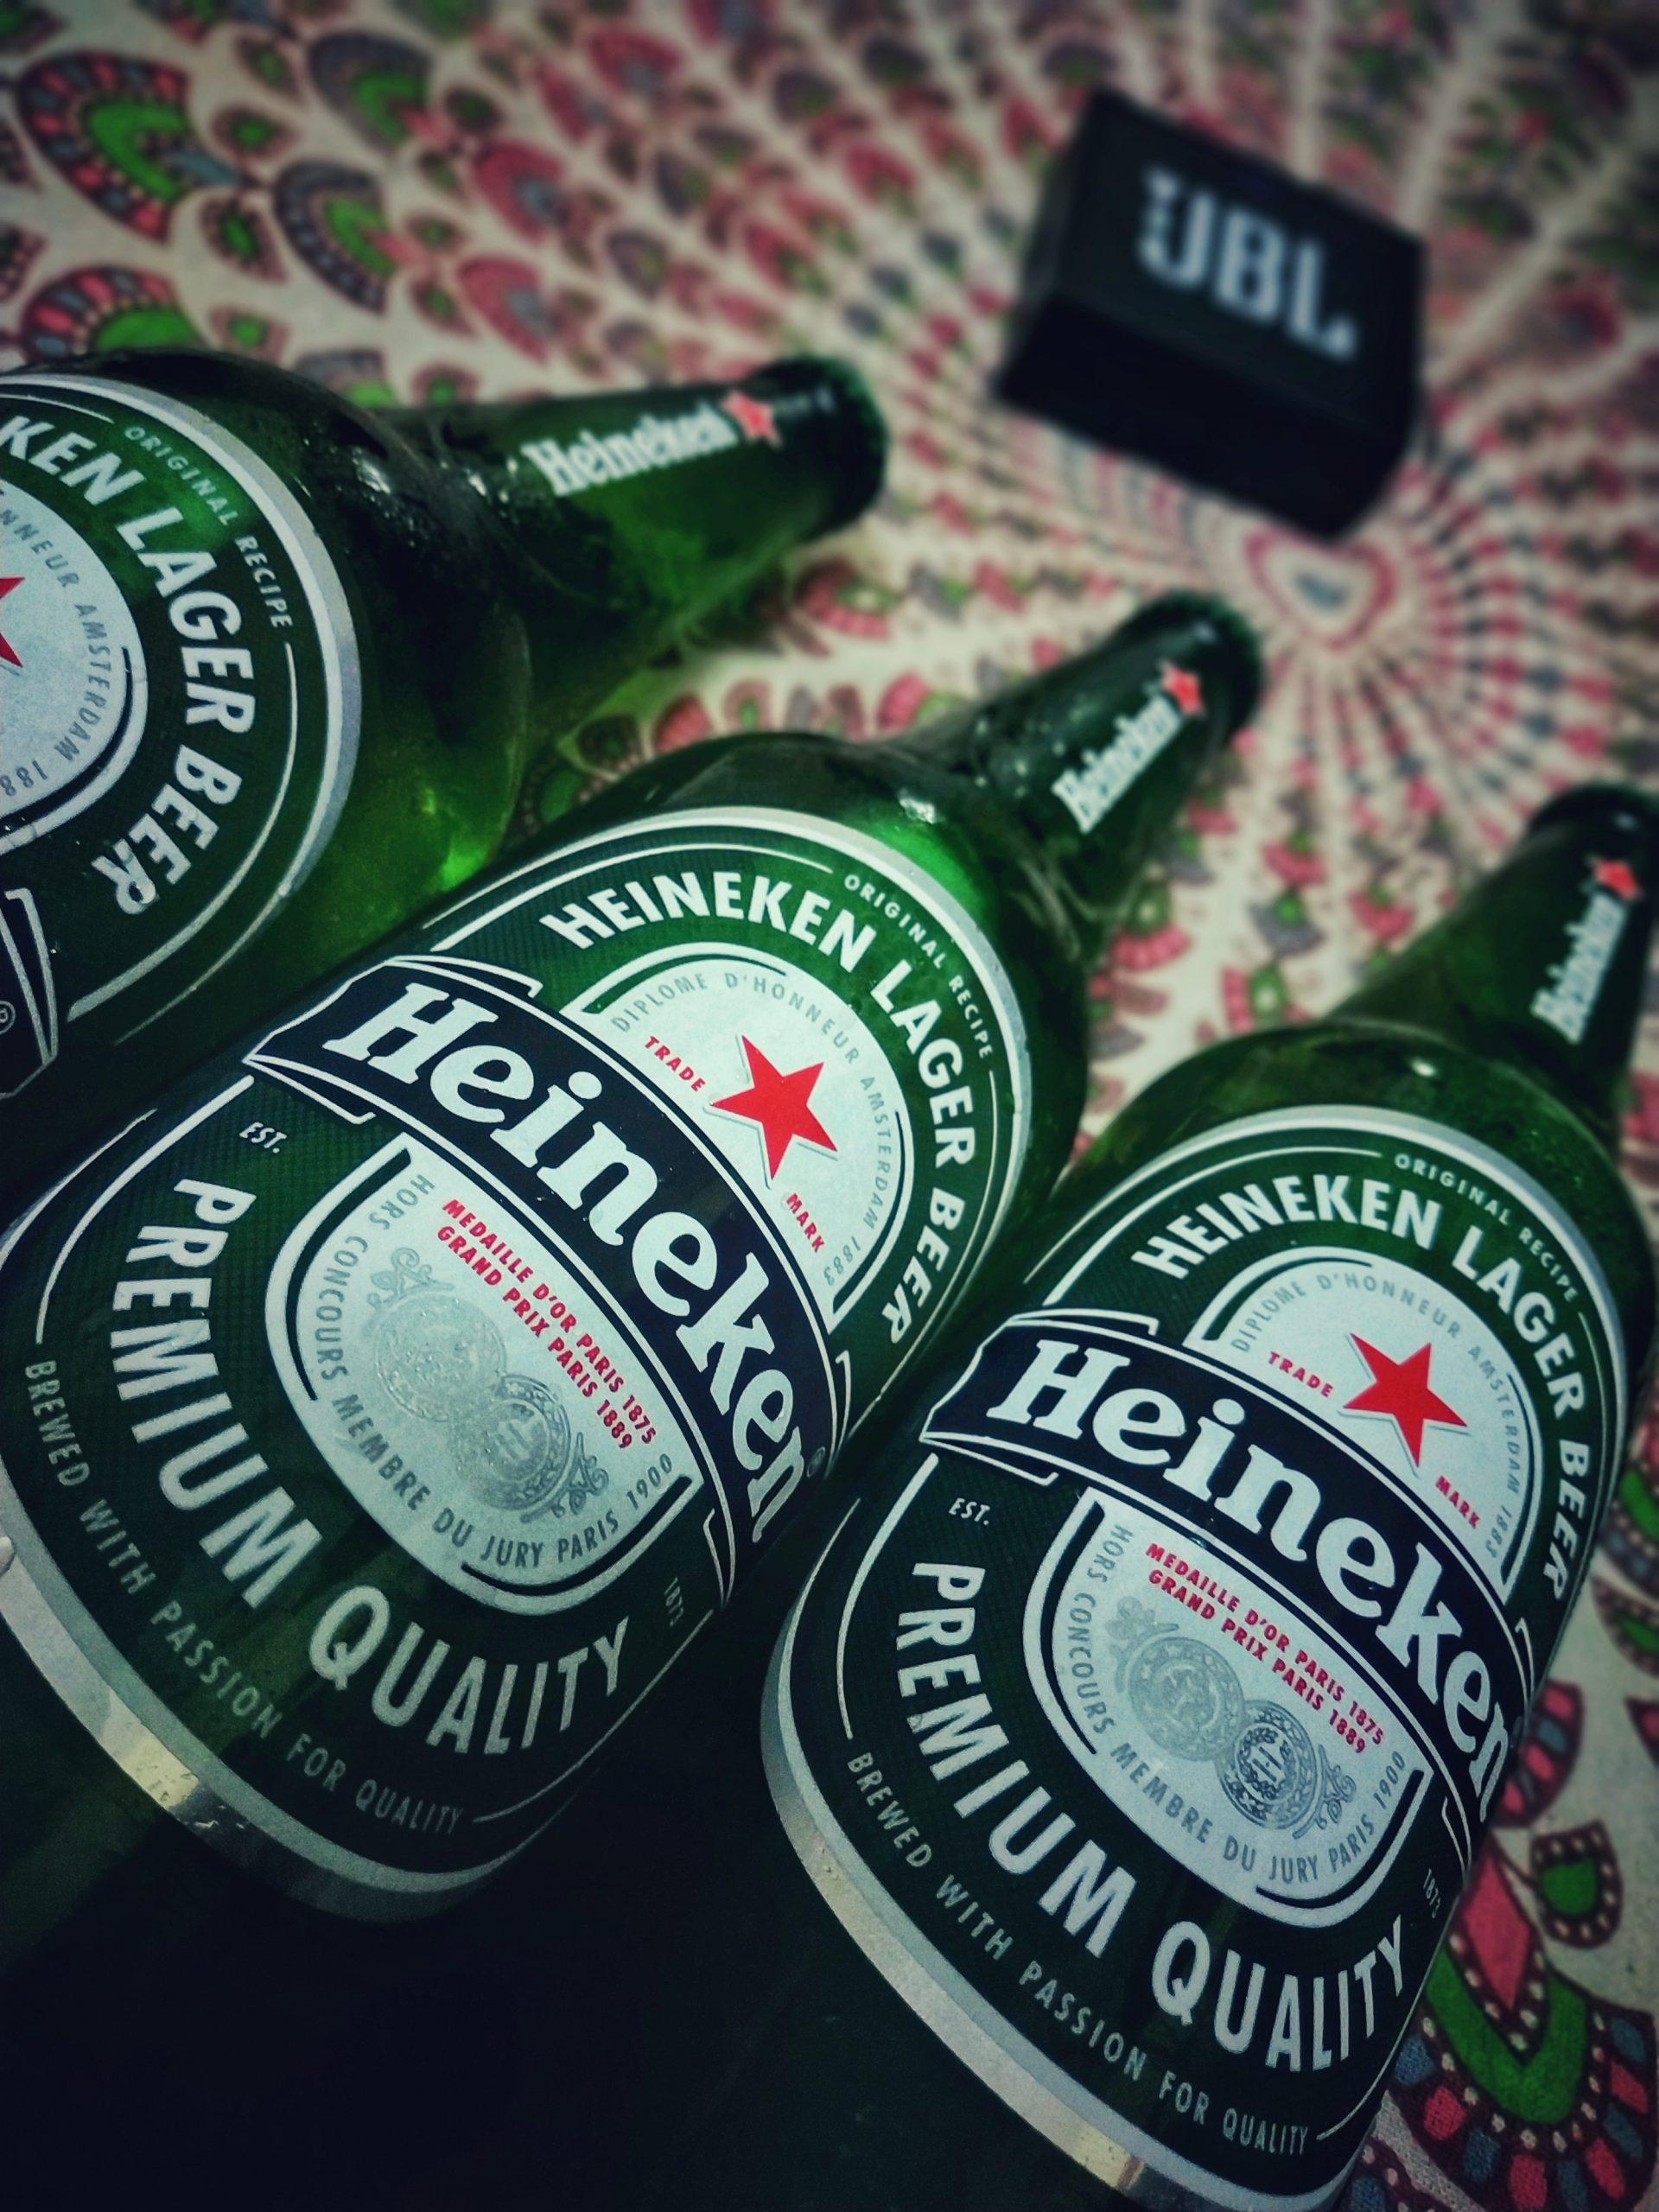 Bottle of Heineken